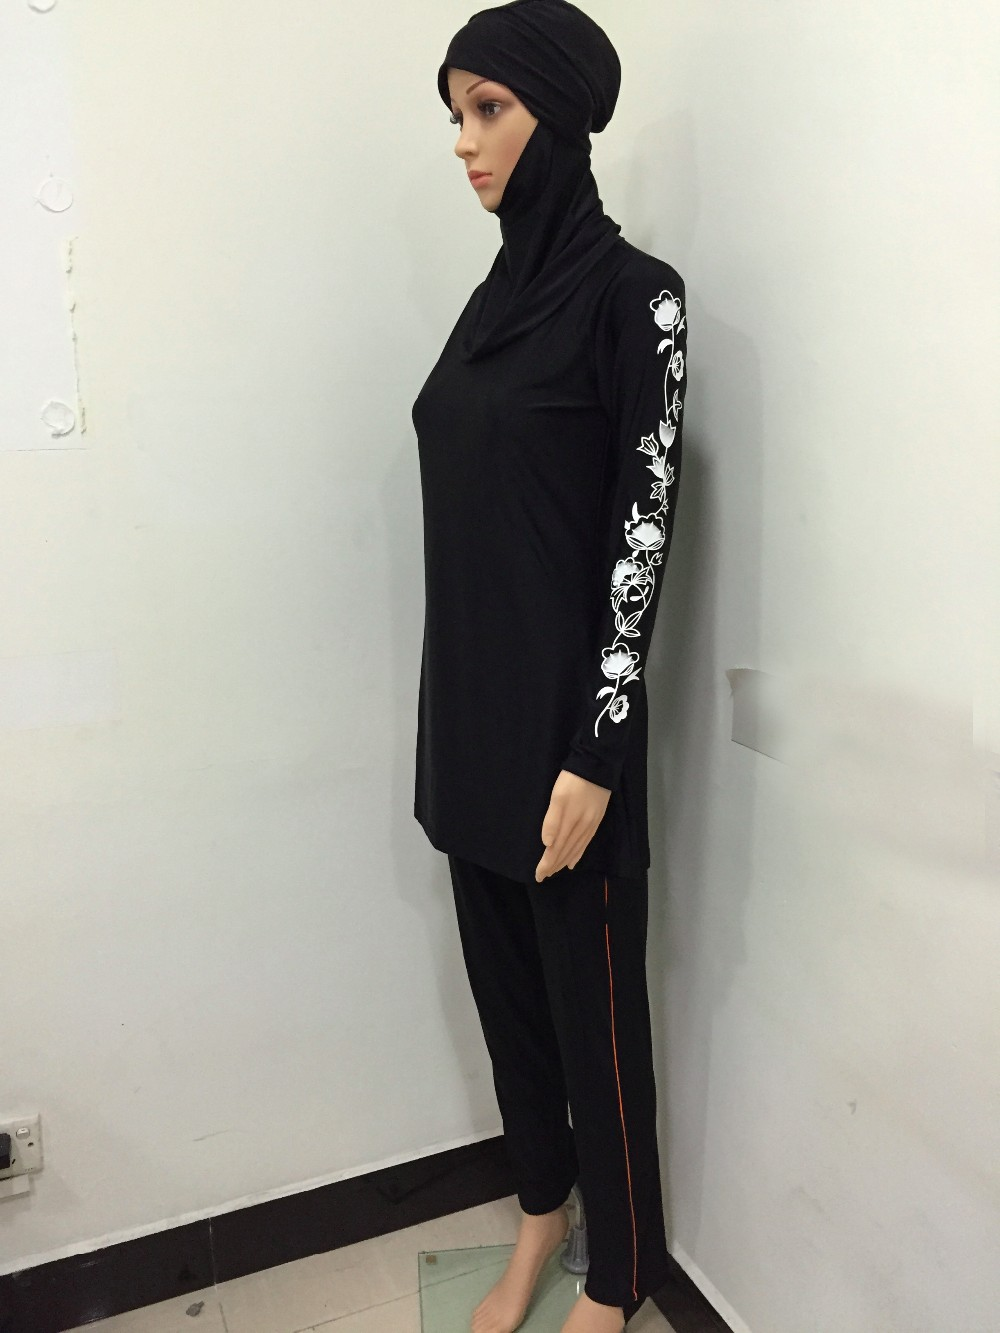 Image 4 - 2017 New muslim swimwear islamic swimsuit modest swimwear  swimsuit for womenswimsuit for womenswimsuits modestswimsuit swimsuit